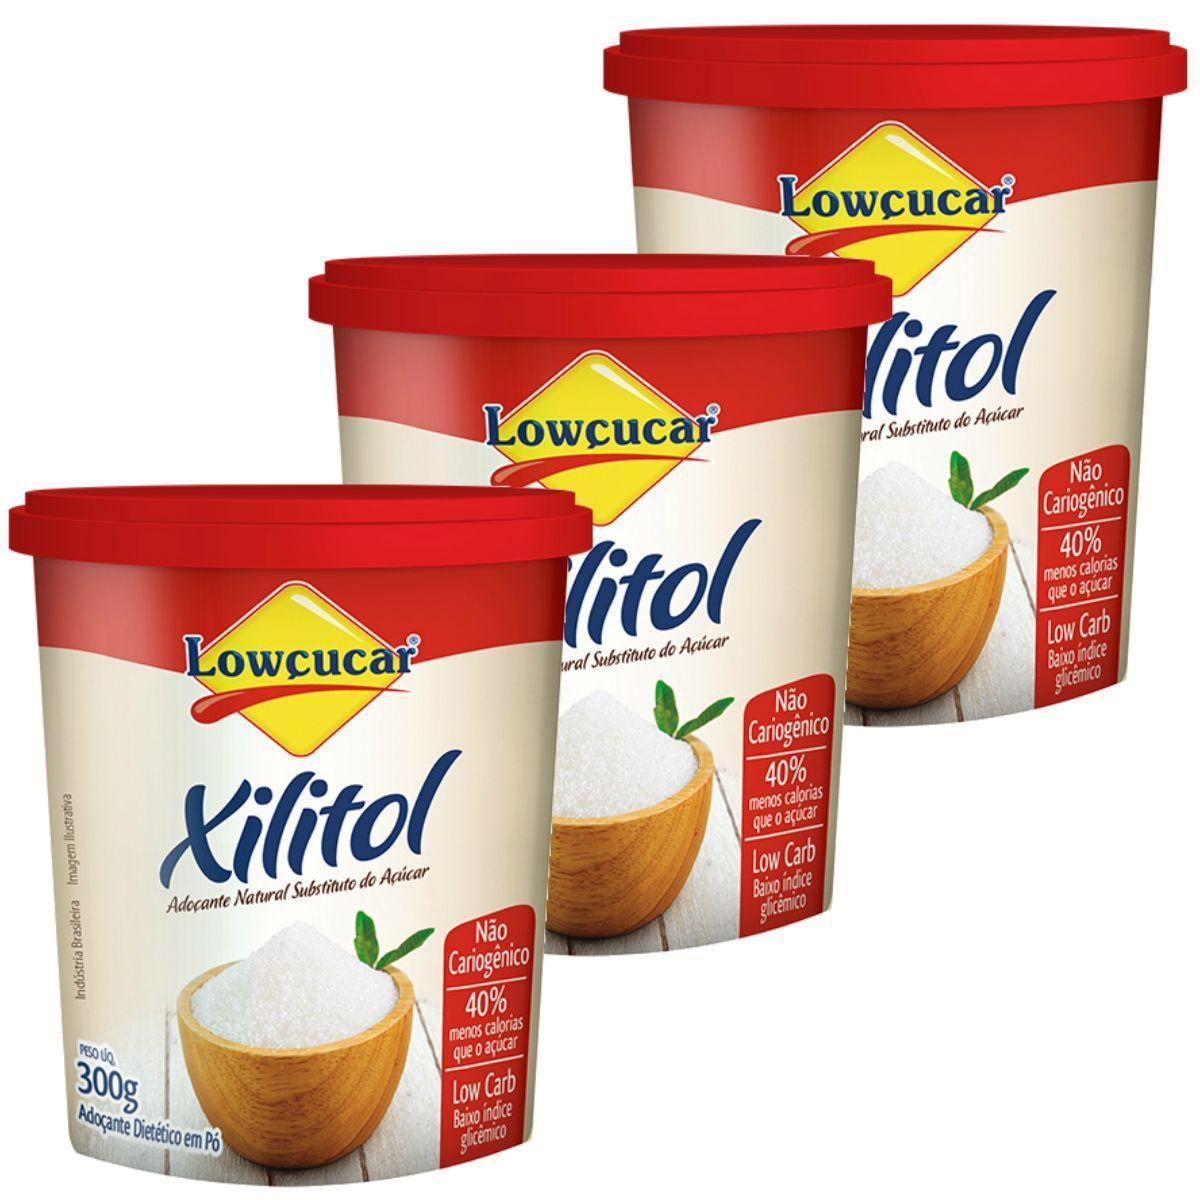 Kit 3 Xilitol Adoçante Dietético Low Carb 300g - Lowçucar